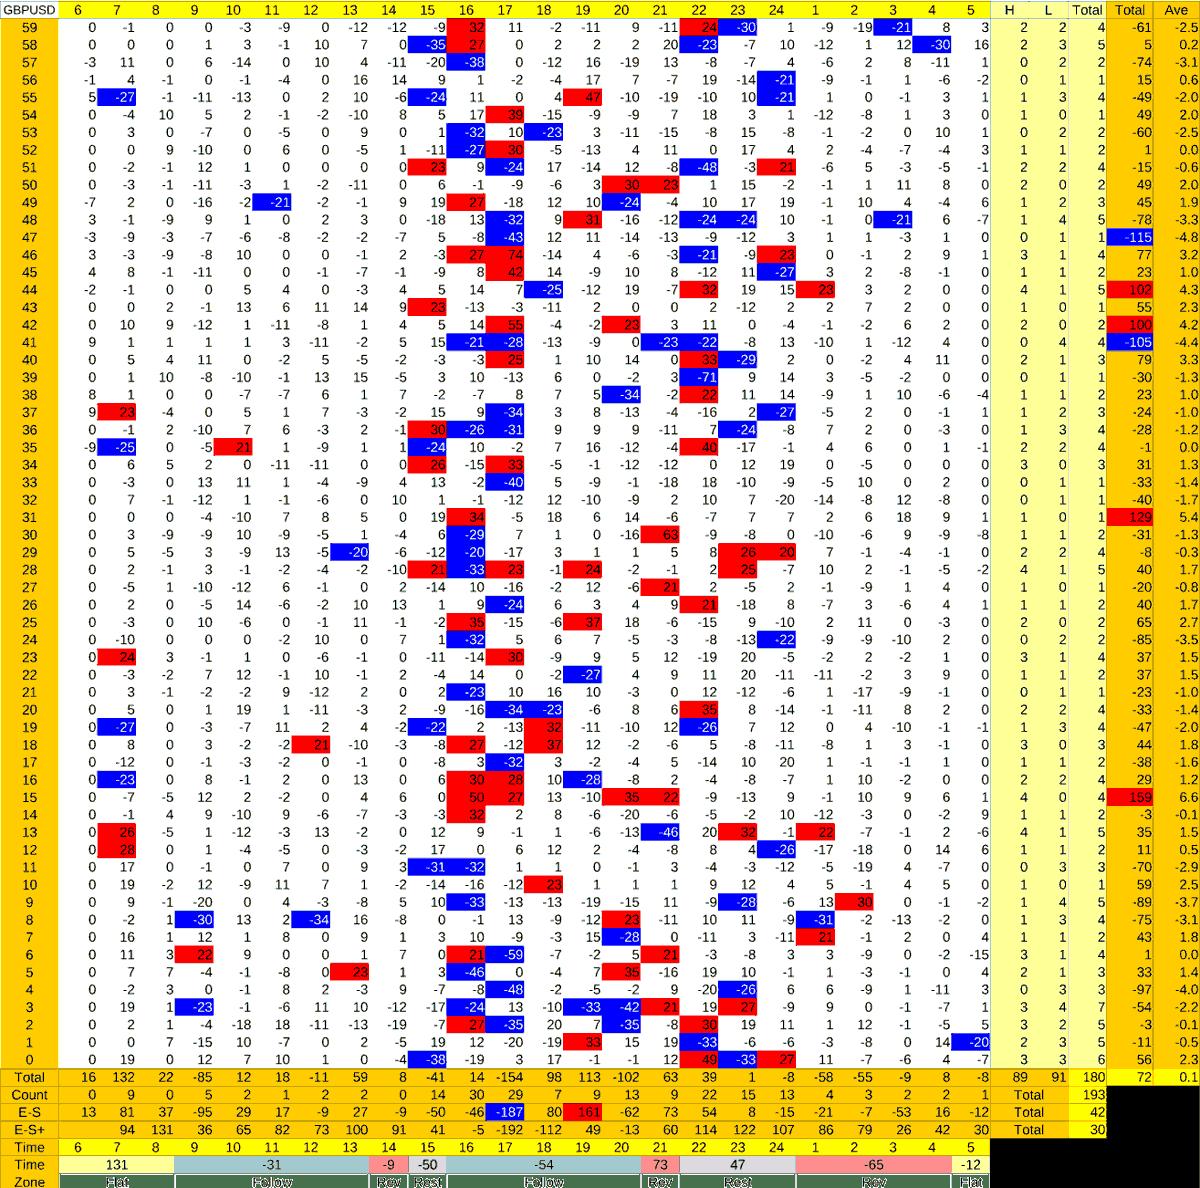 20210614_HS(2)GBPUSD